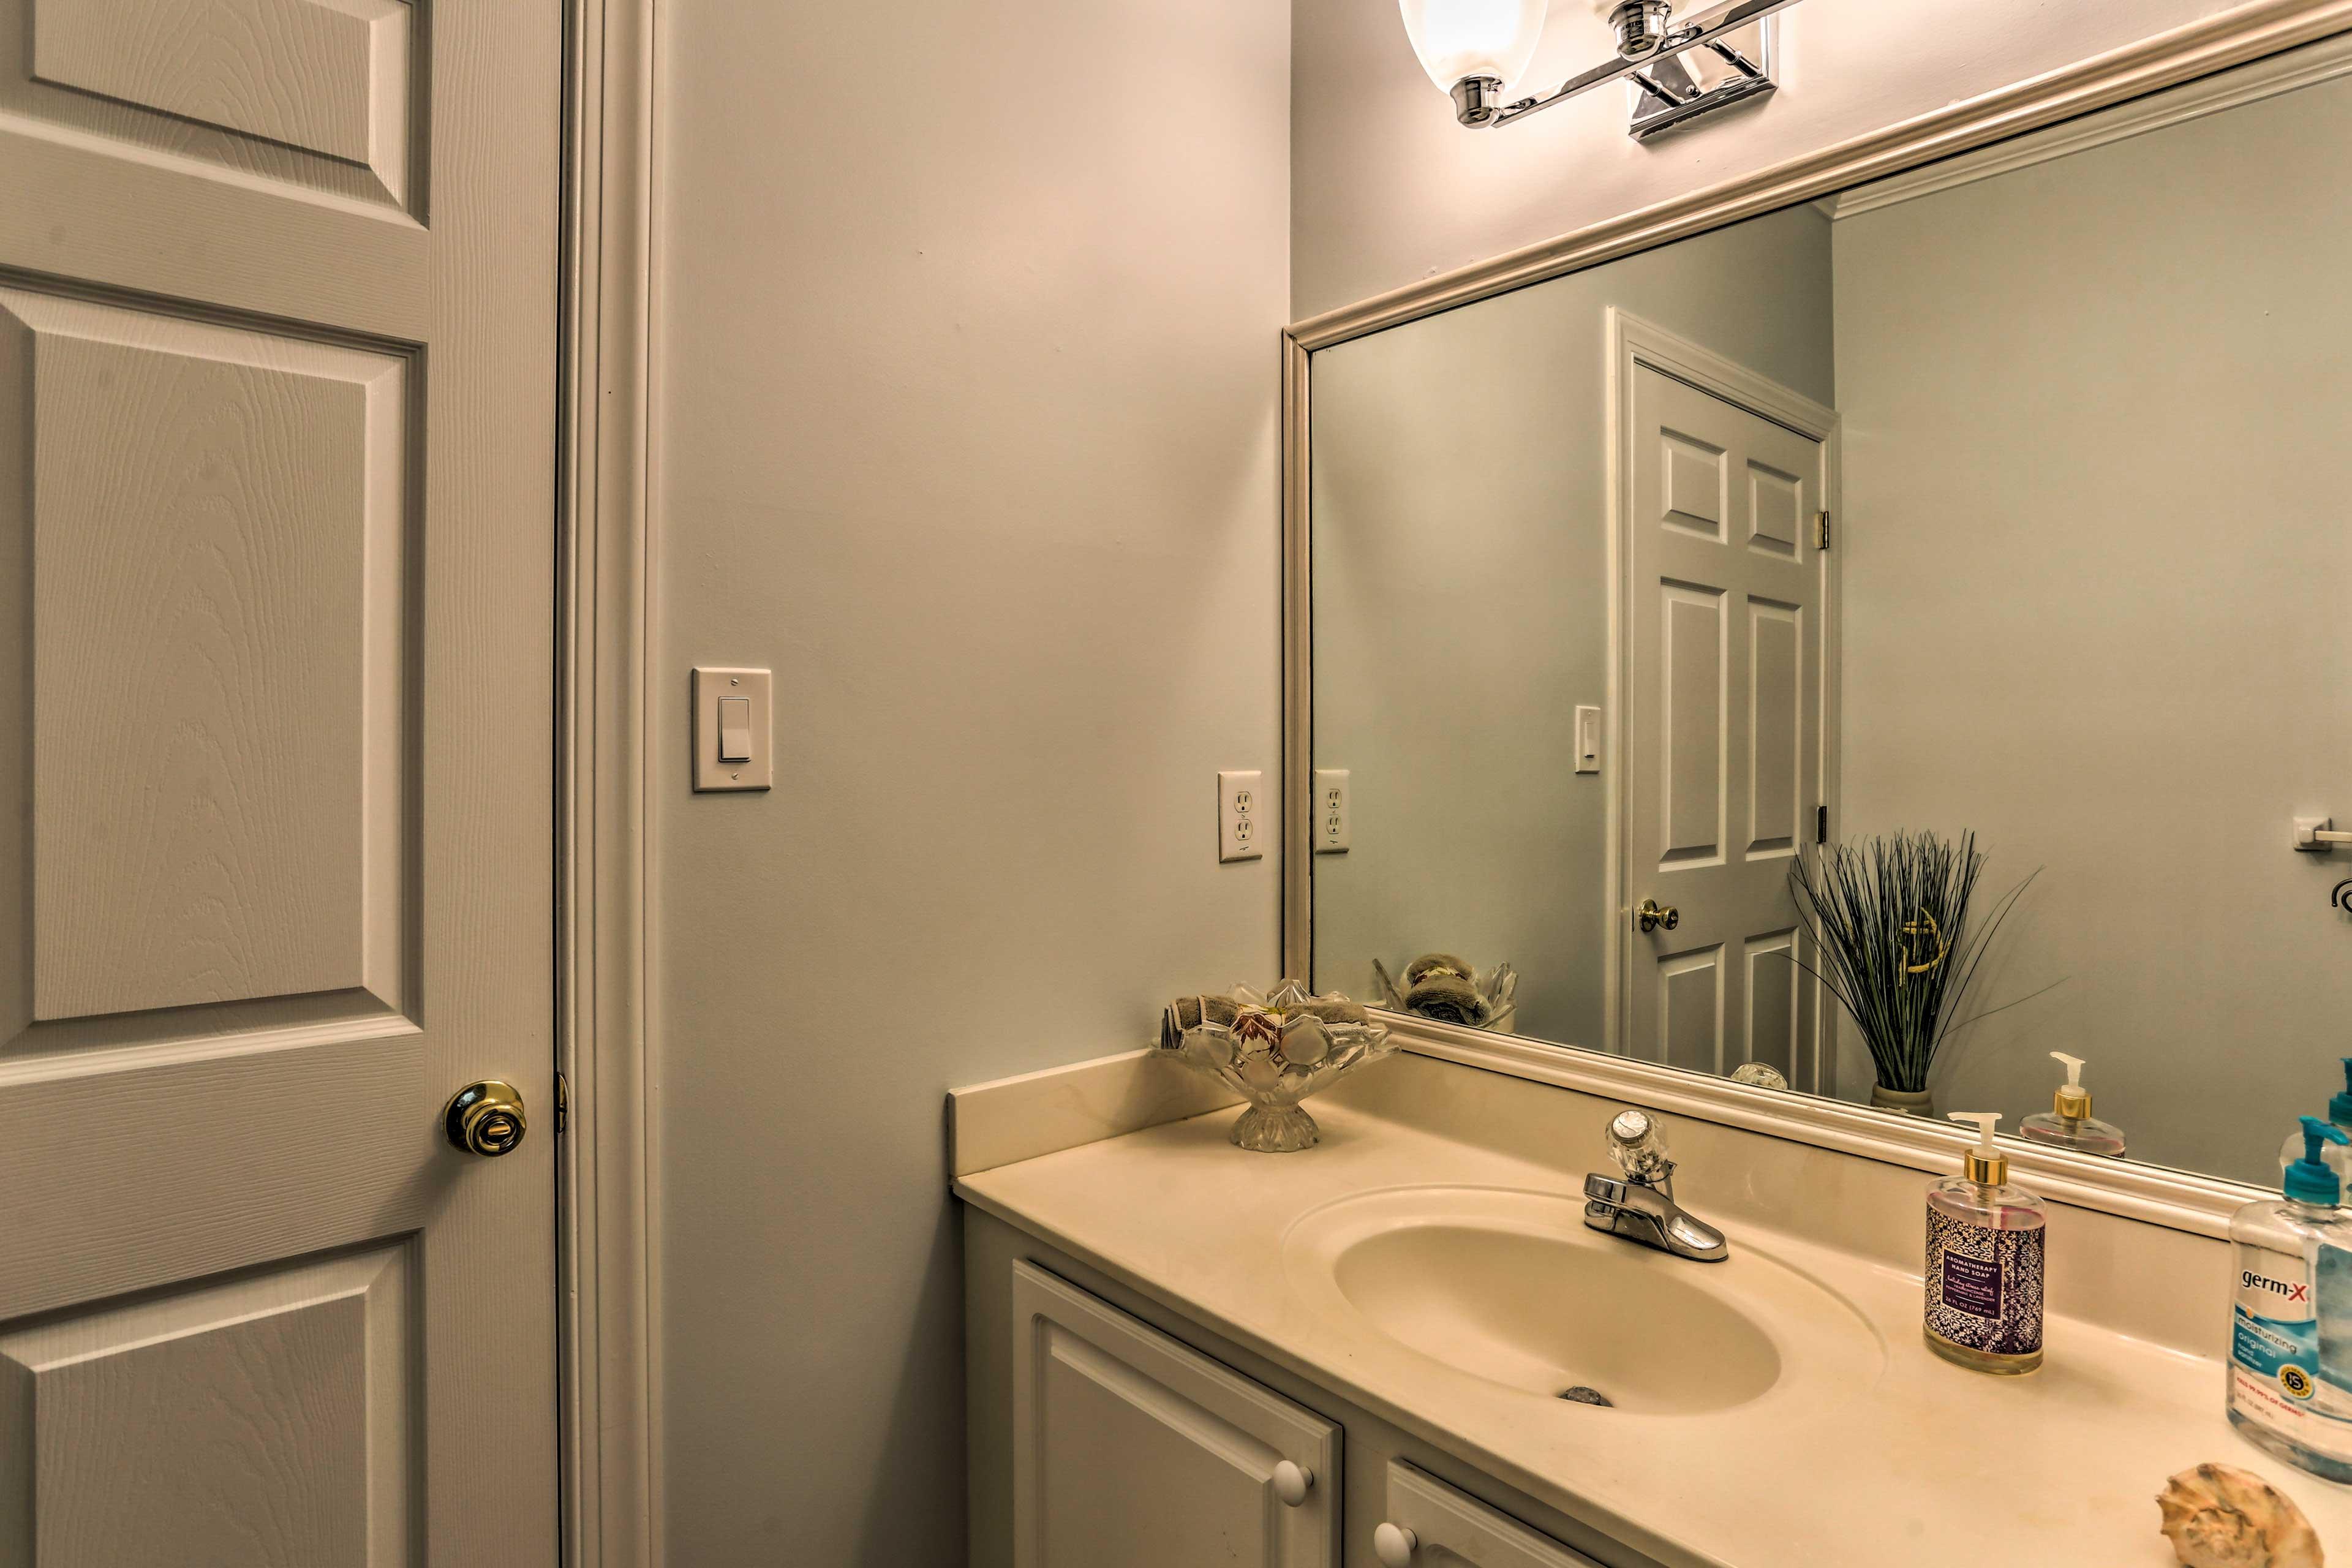 Wash up in the convenient half bathroom.